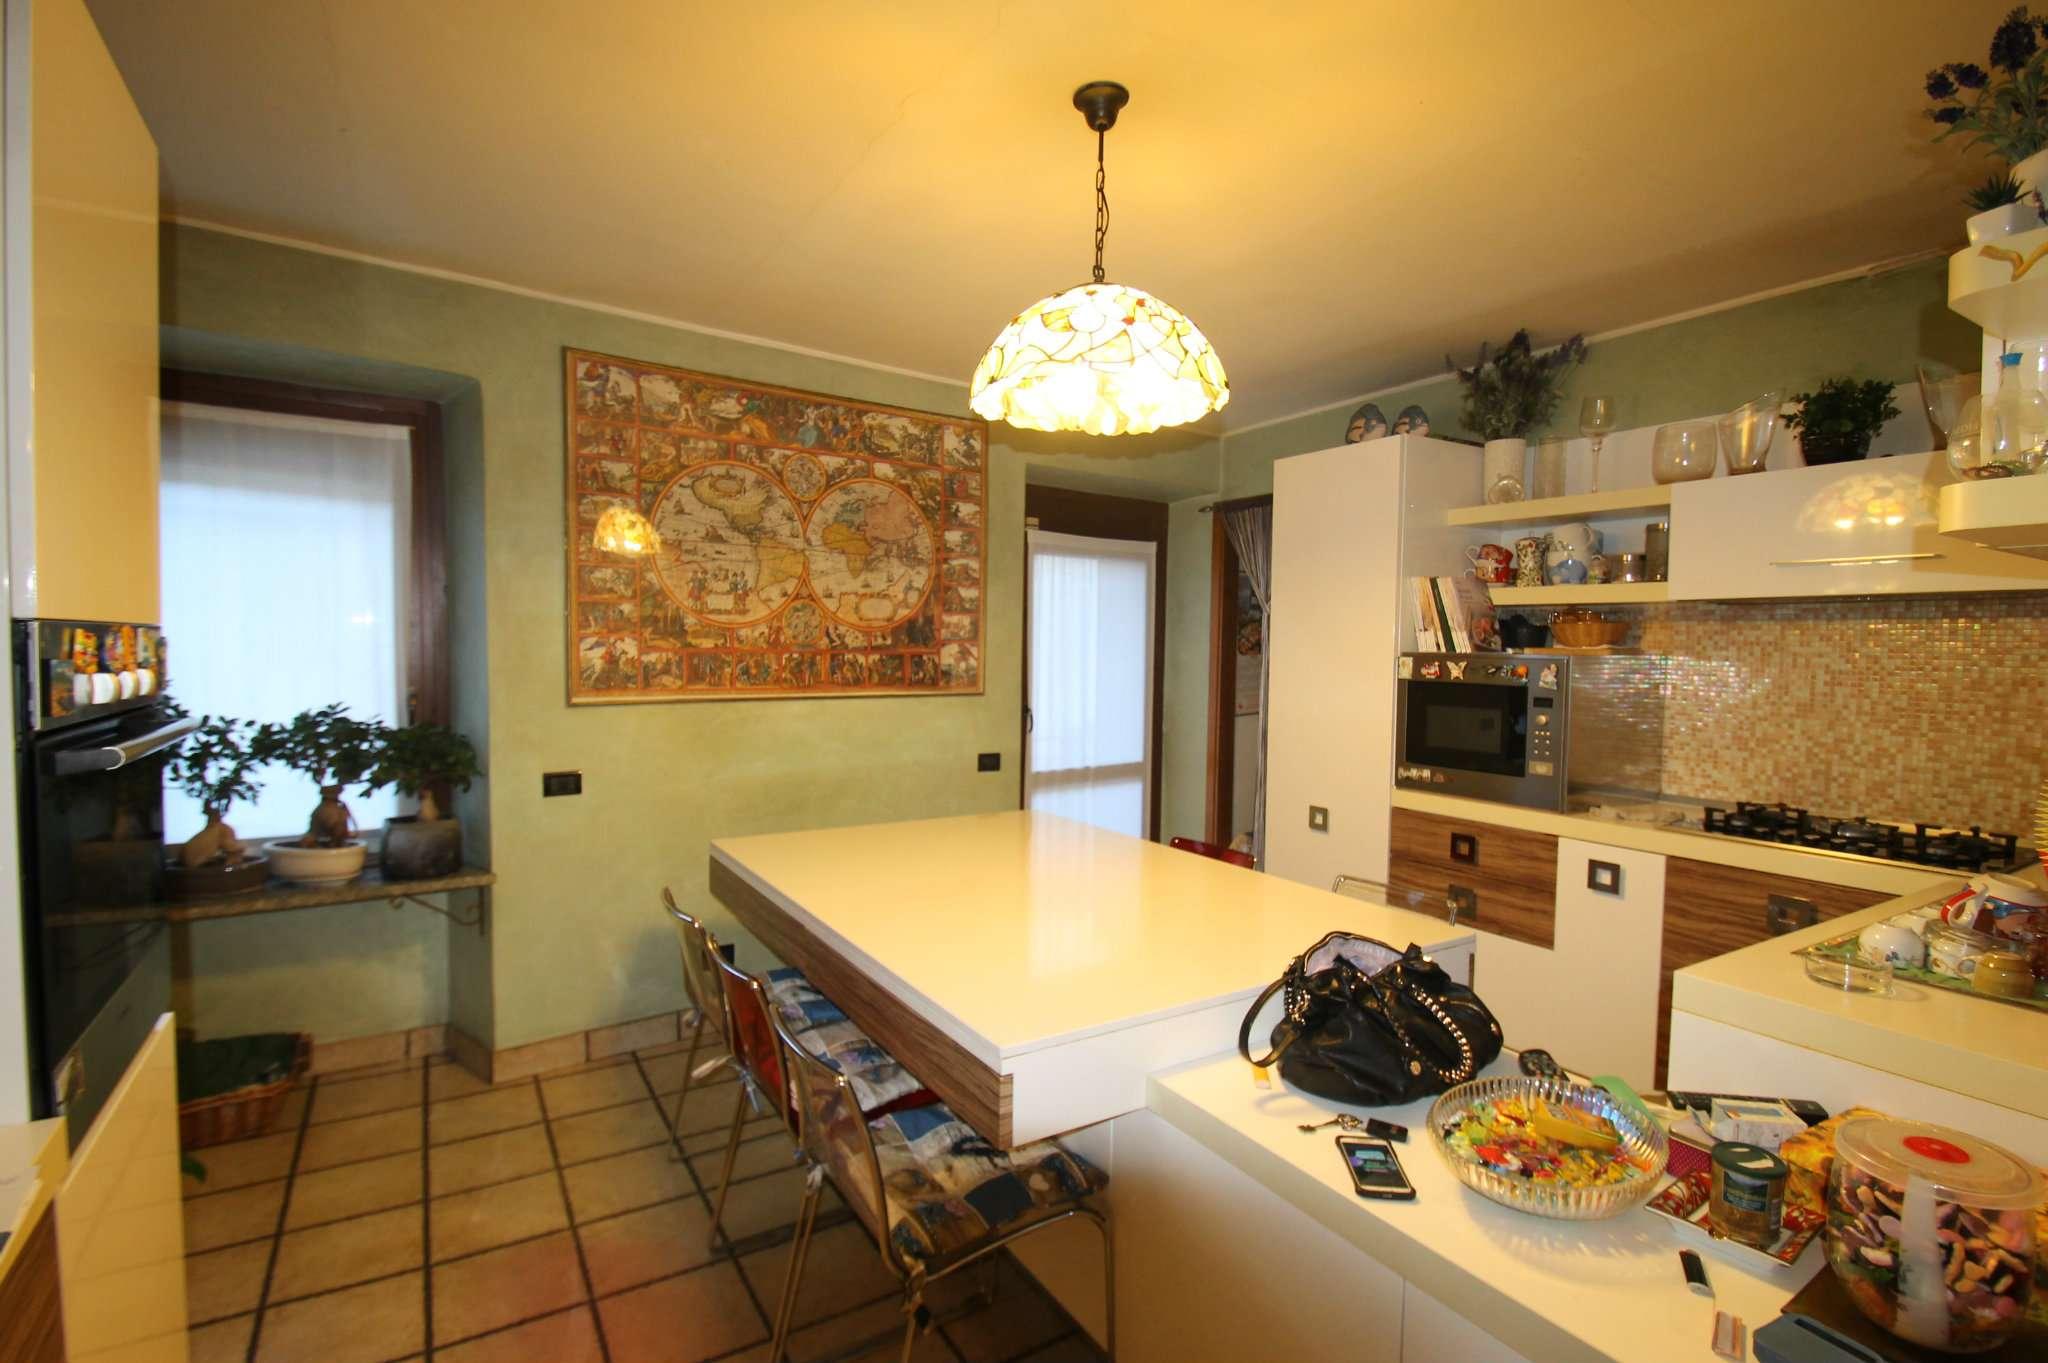 Appartamento trilocale in vendita a Bosisio Parini